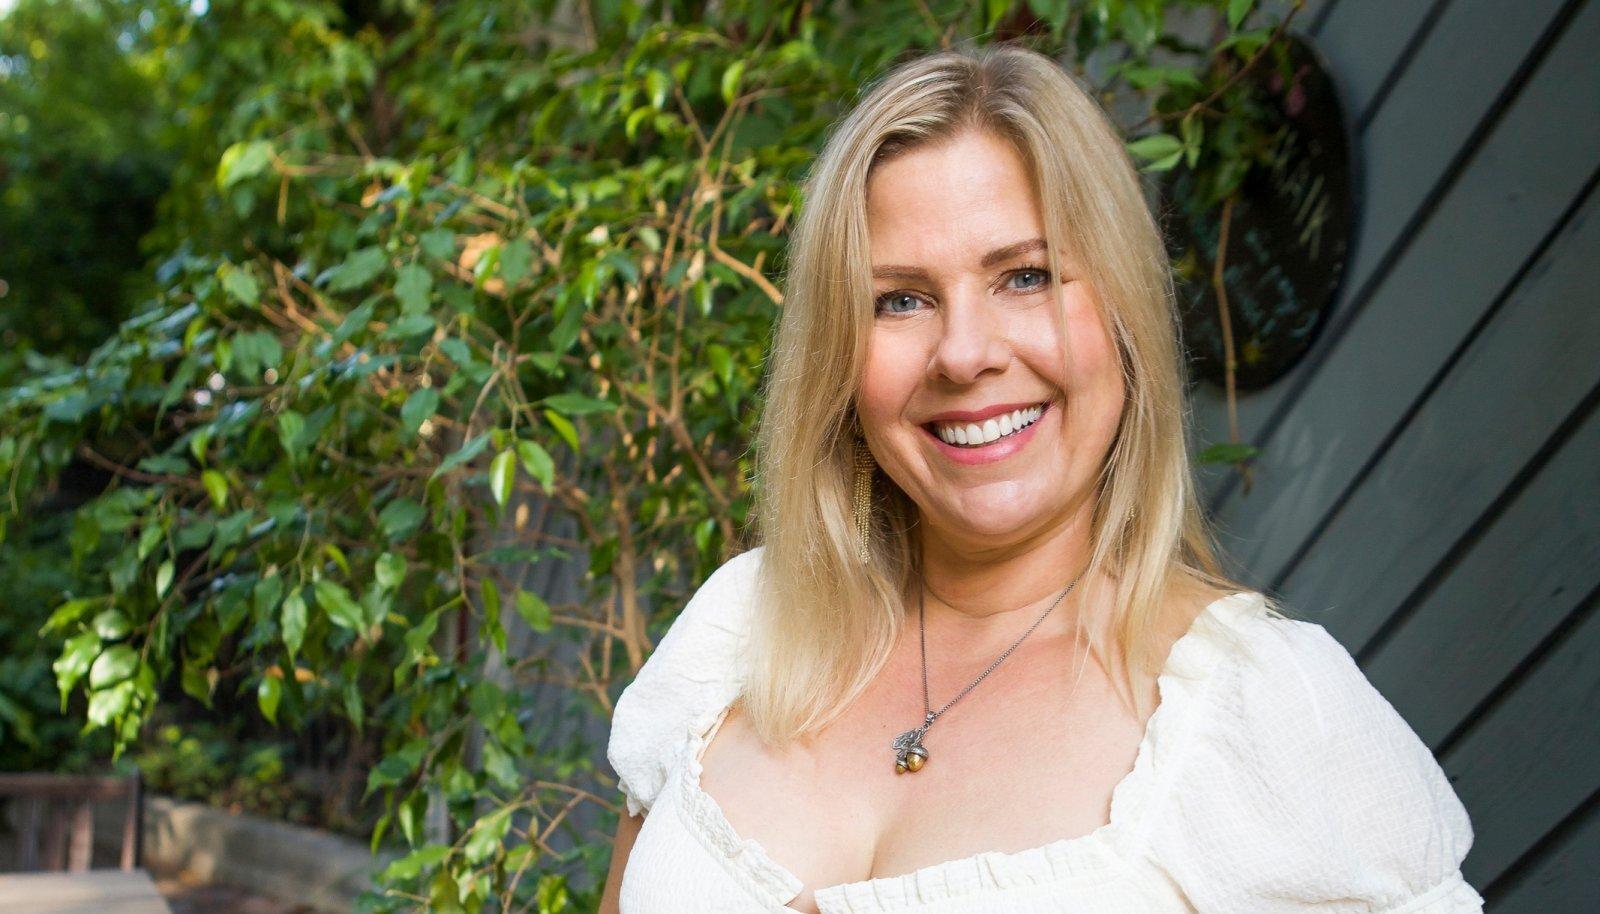 """USAs elav kolumnist Kristi Luik on jaganud oma mõtteid moeajakirjades, temalt on ilmunud ka raamat """"Veidrike printsess"""". Praegu nuputab ta, kuidas klapitada oma trenne laste uinakuajaga ning muuta menüü tervislikumaks, minetamata seejuures elutahet."""